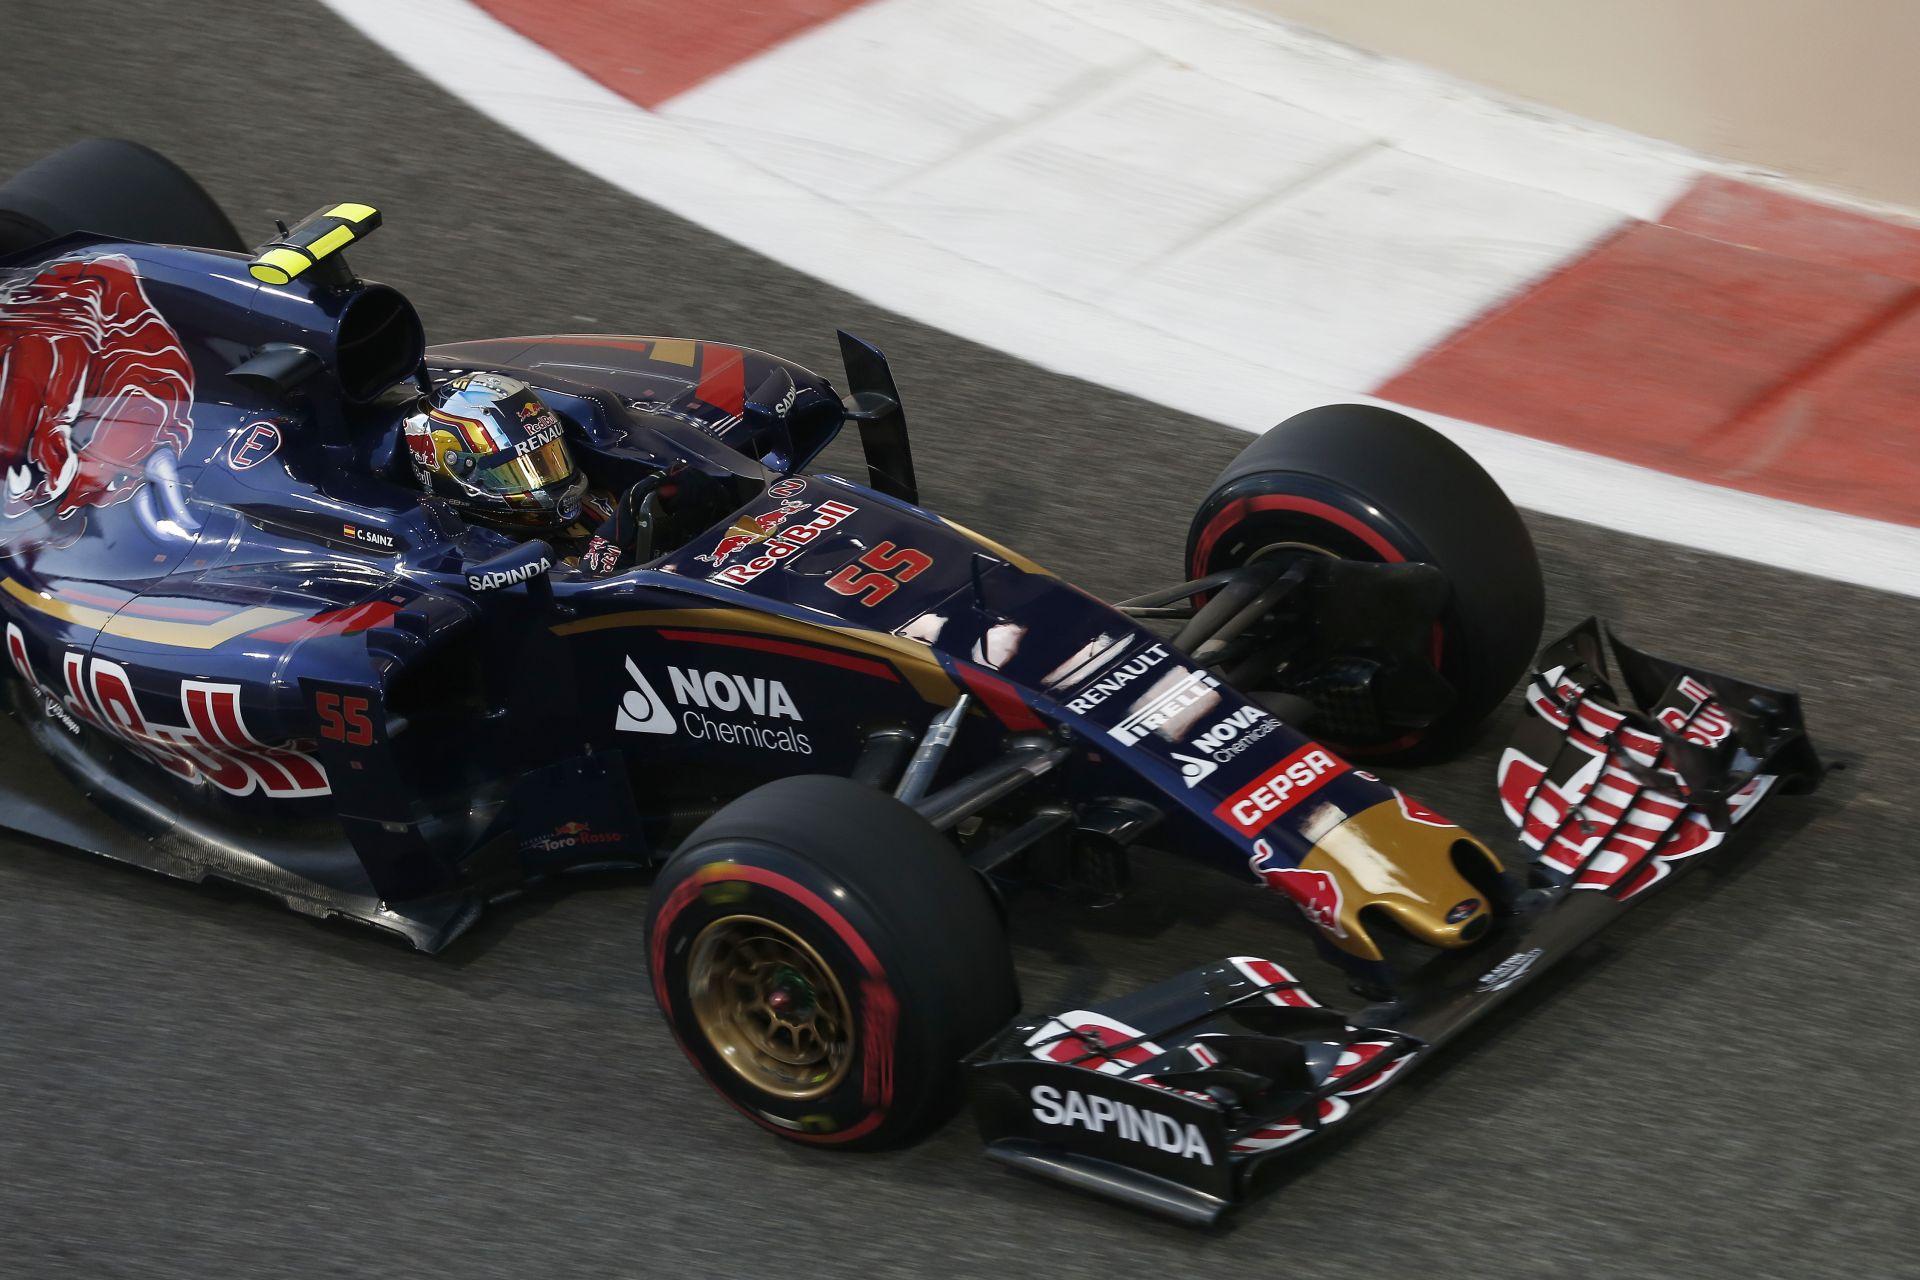 A Toro Rosso a Ferrari motor miatt hosszabb tengelytávolságot tervez a 2016-os autójára!